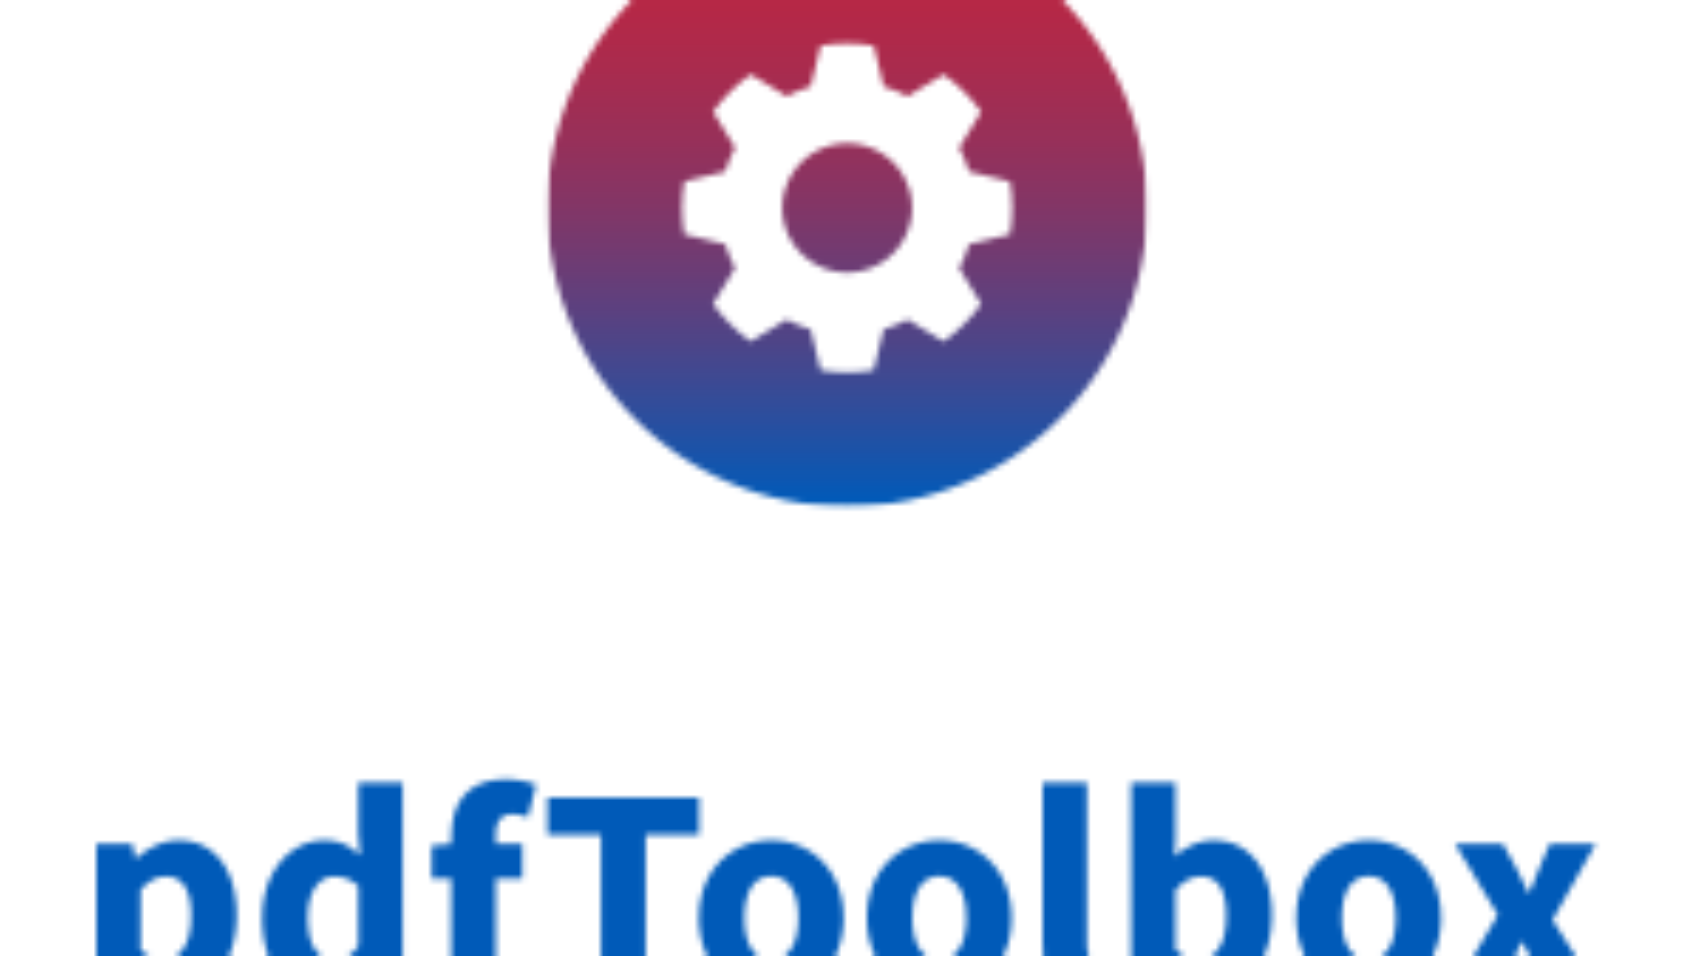 amlabs_0025_pdfToolbox